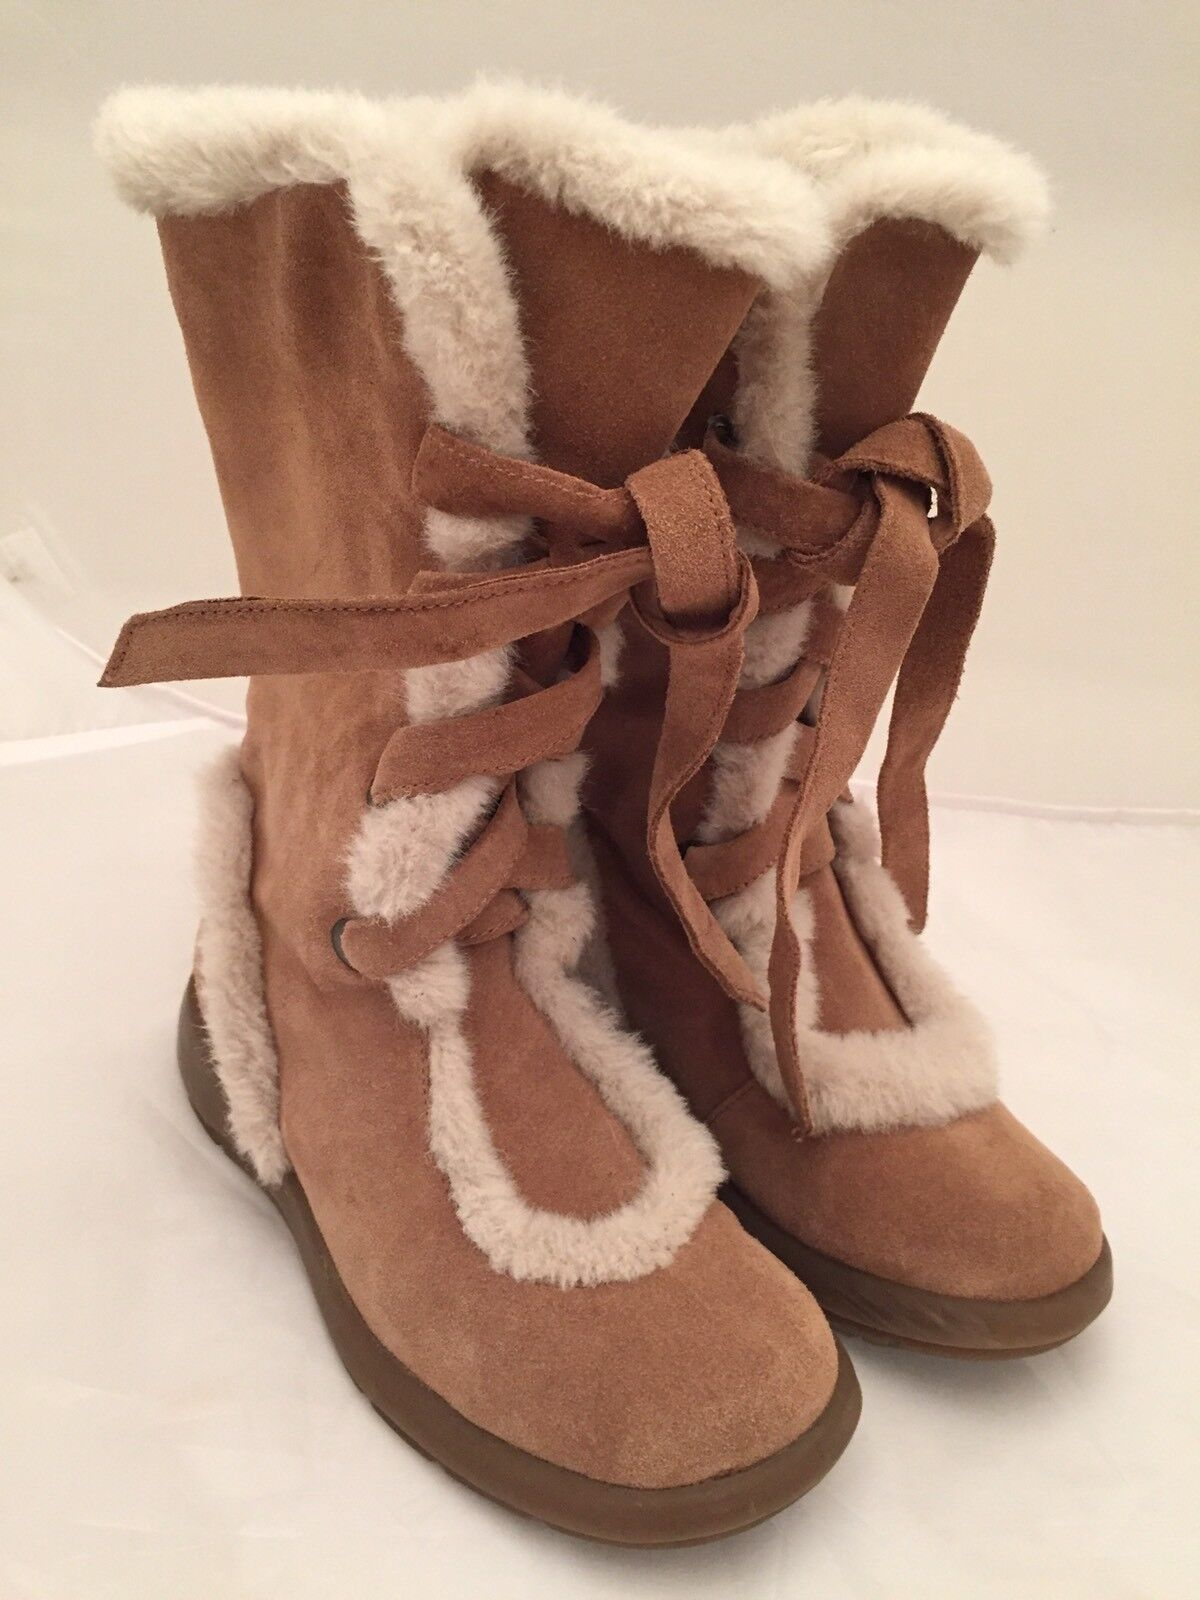 Aerosoles Woman's Suede & Faux Fur Lace Up Boots Size 6 NWOB